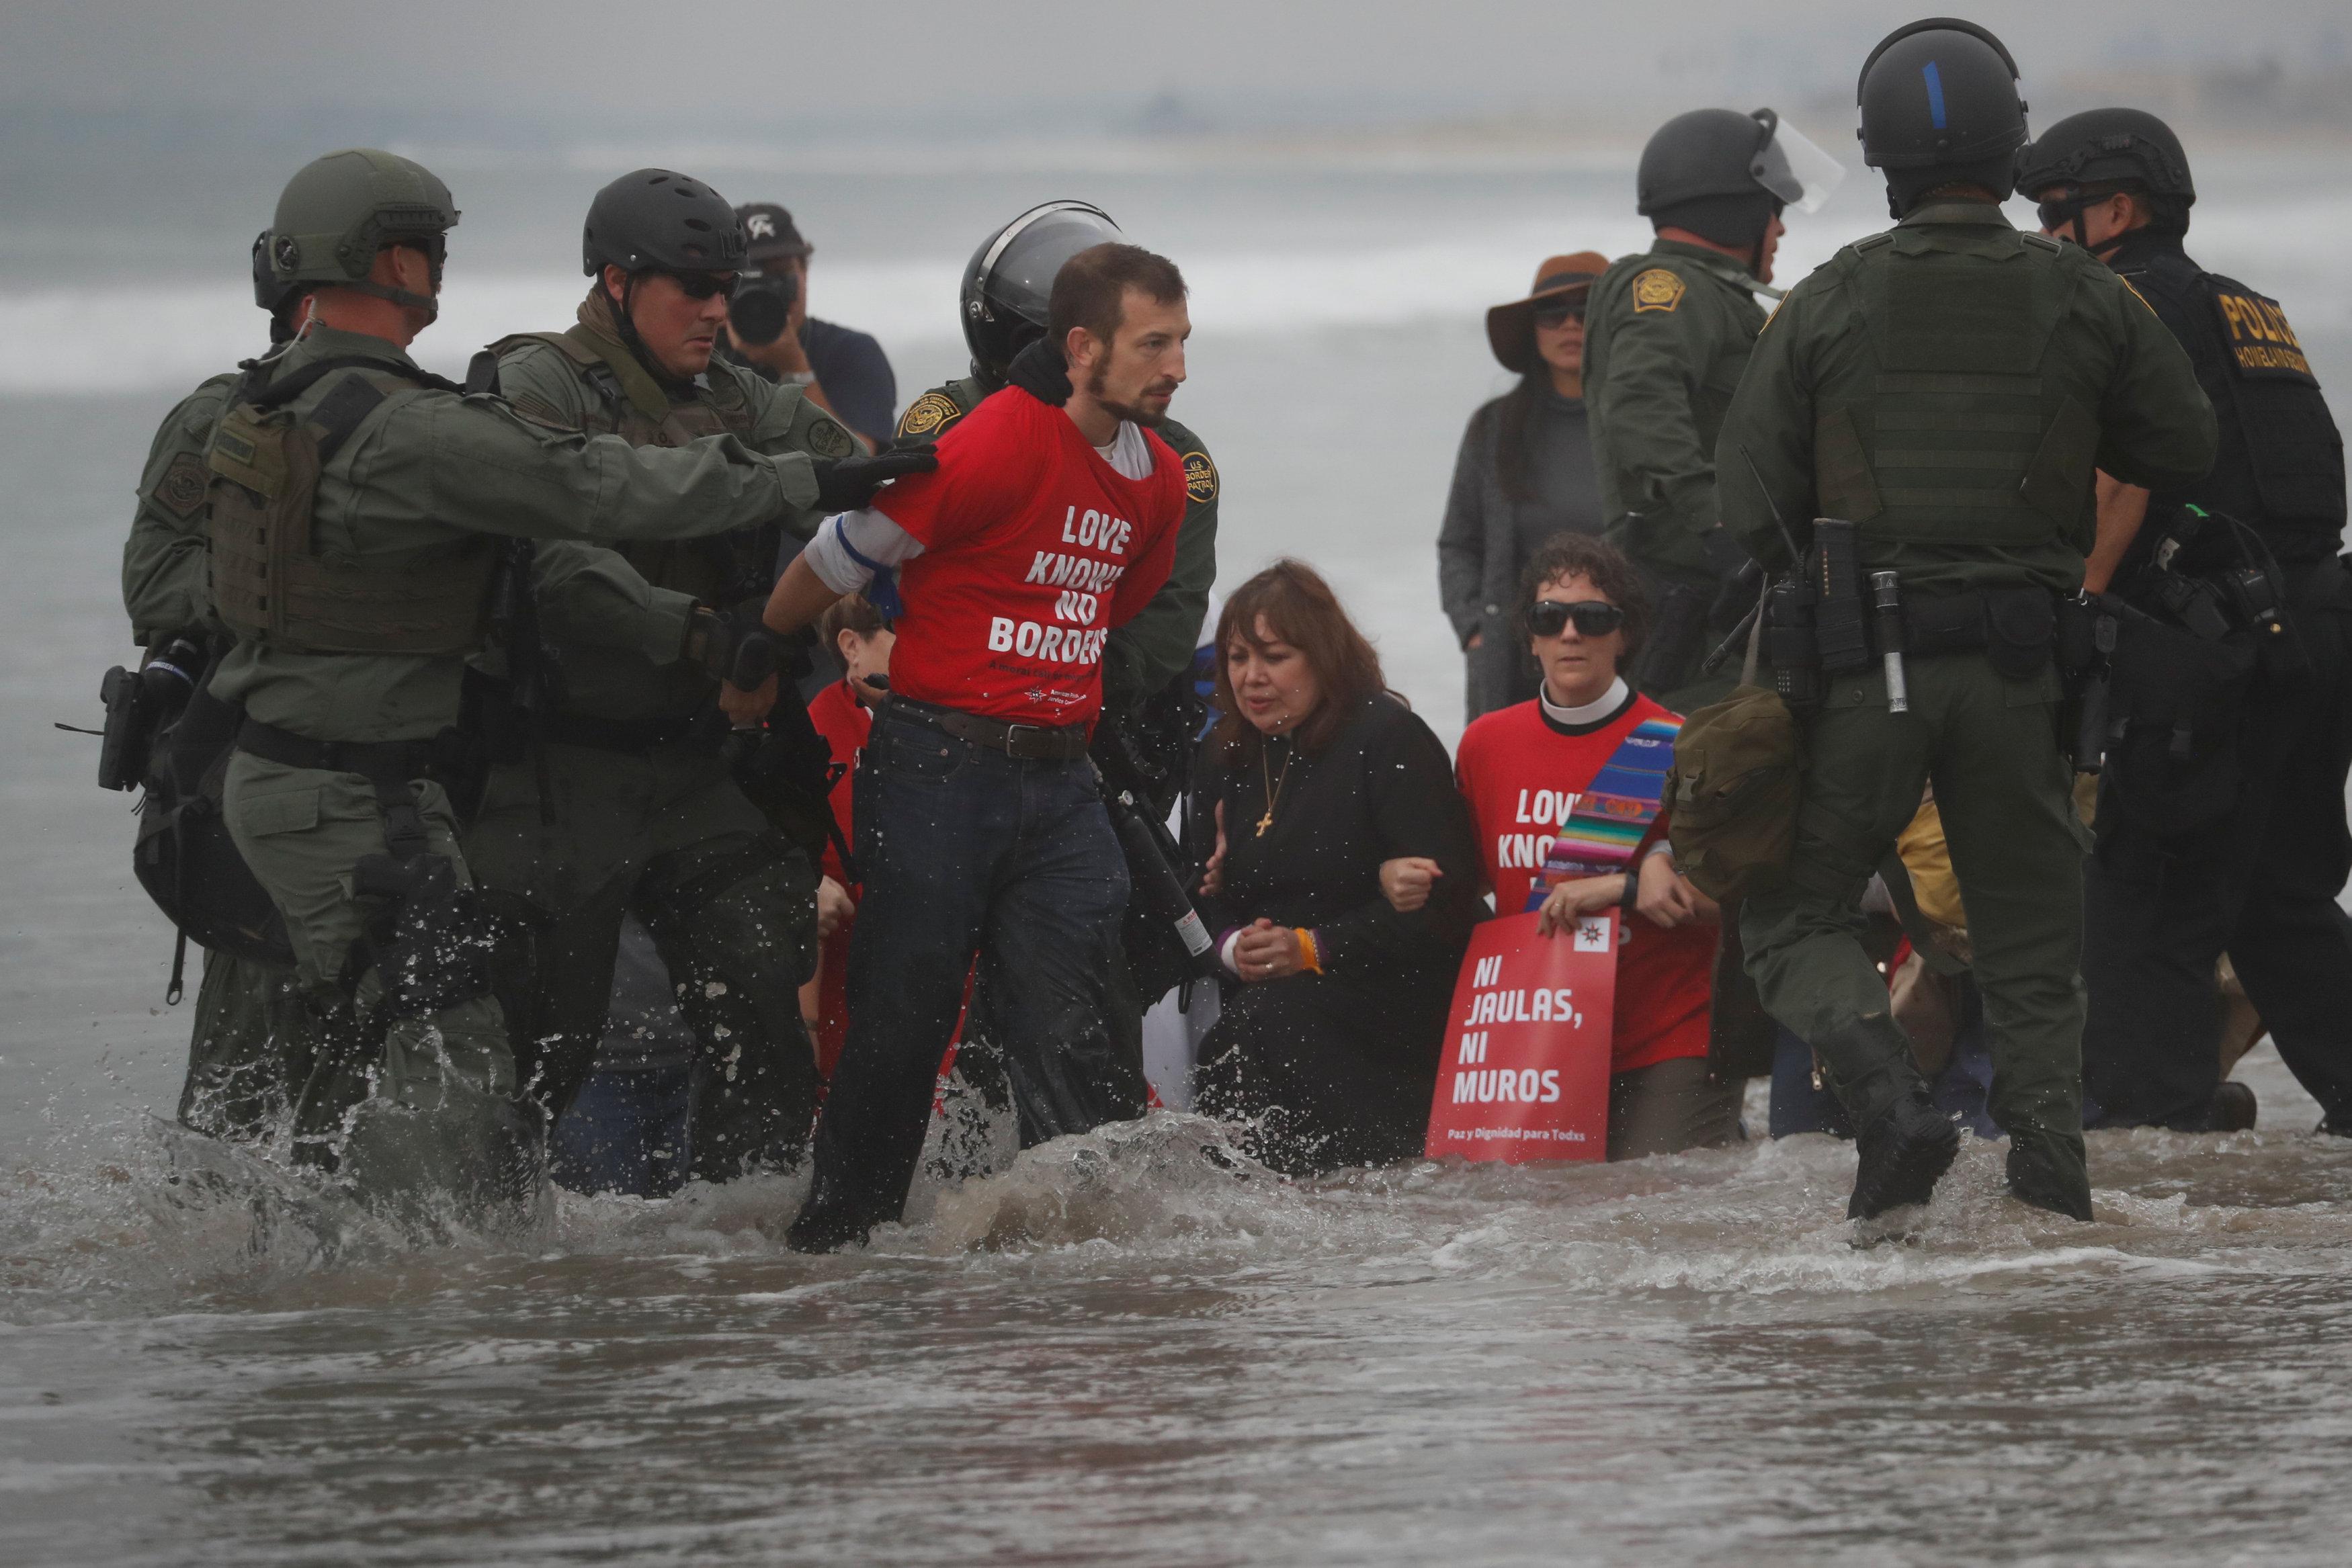 اعتقال مهاجرين على الجانب الأمريكى من الحدود مع المكسيك  (11)